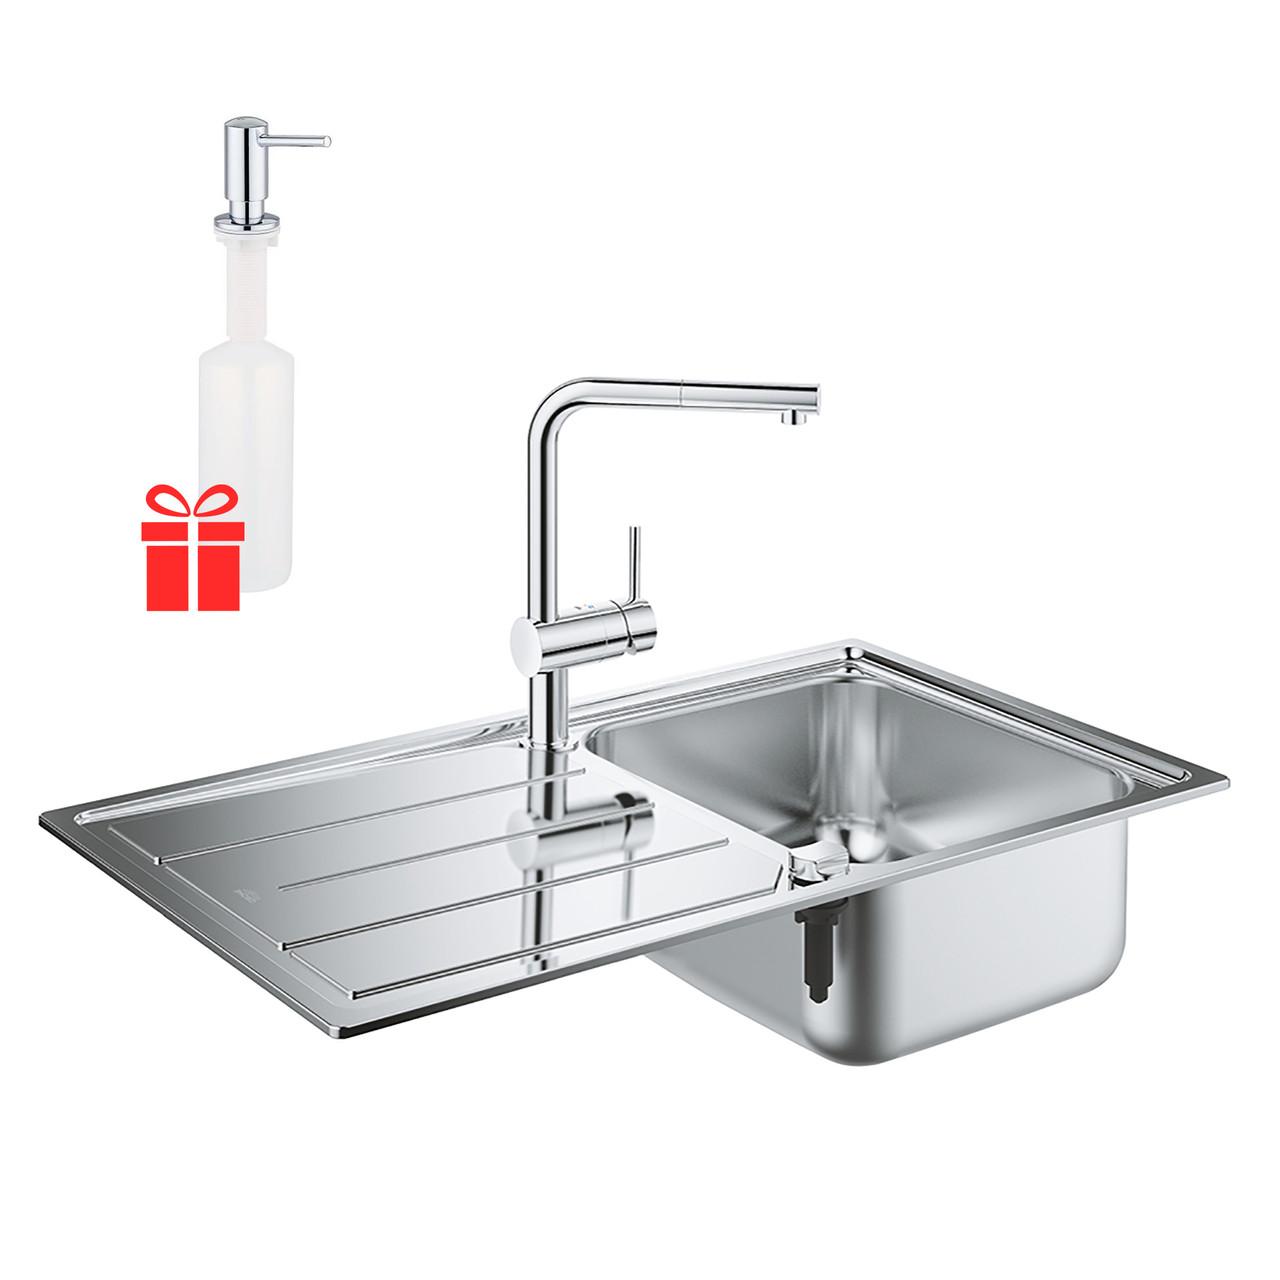 Набір Grohe мийка кухонна K500 31573SD0 + змішувач Minta 32168000 + дозатор для миючого засобу